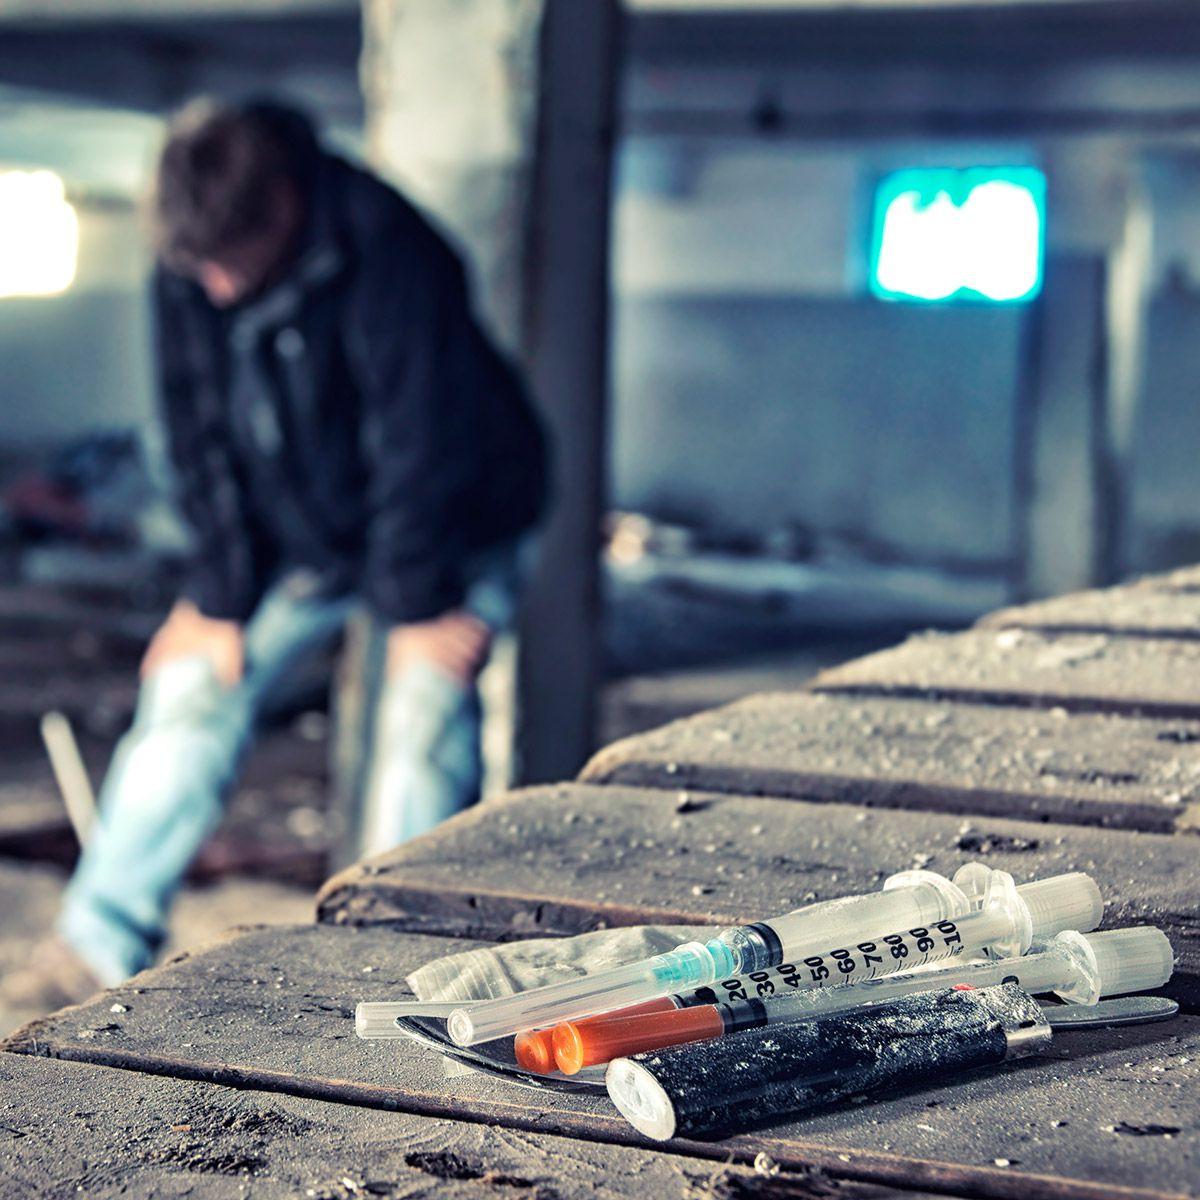 Drogas de abuso: conhecer para entender seus efeitos  - PUC Minas